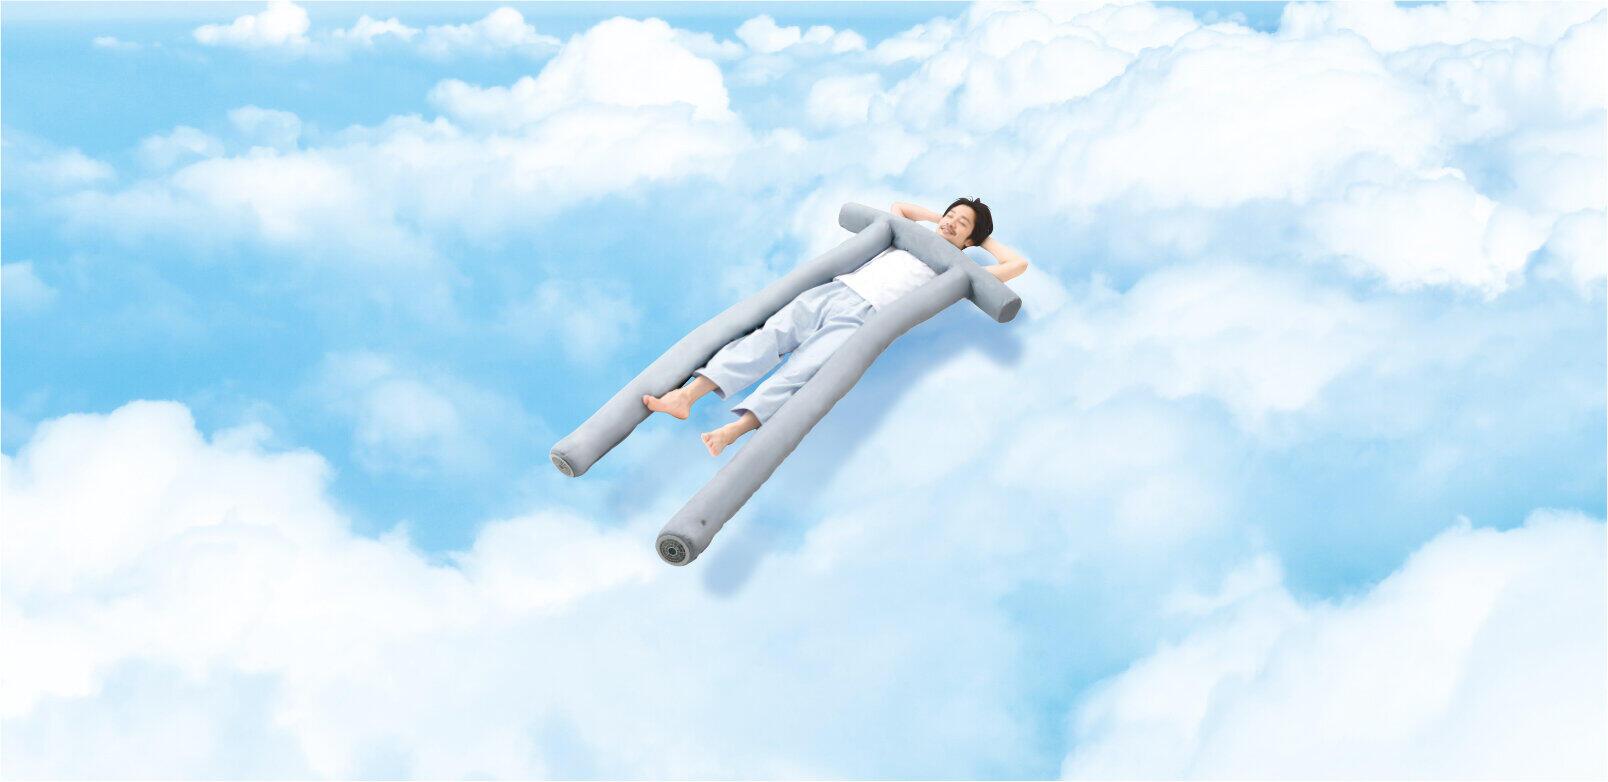 「鳥居」のようなユニークな形状が雲の上にいるような眠りに導く